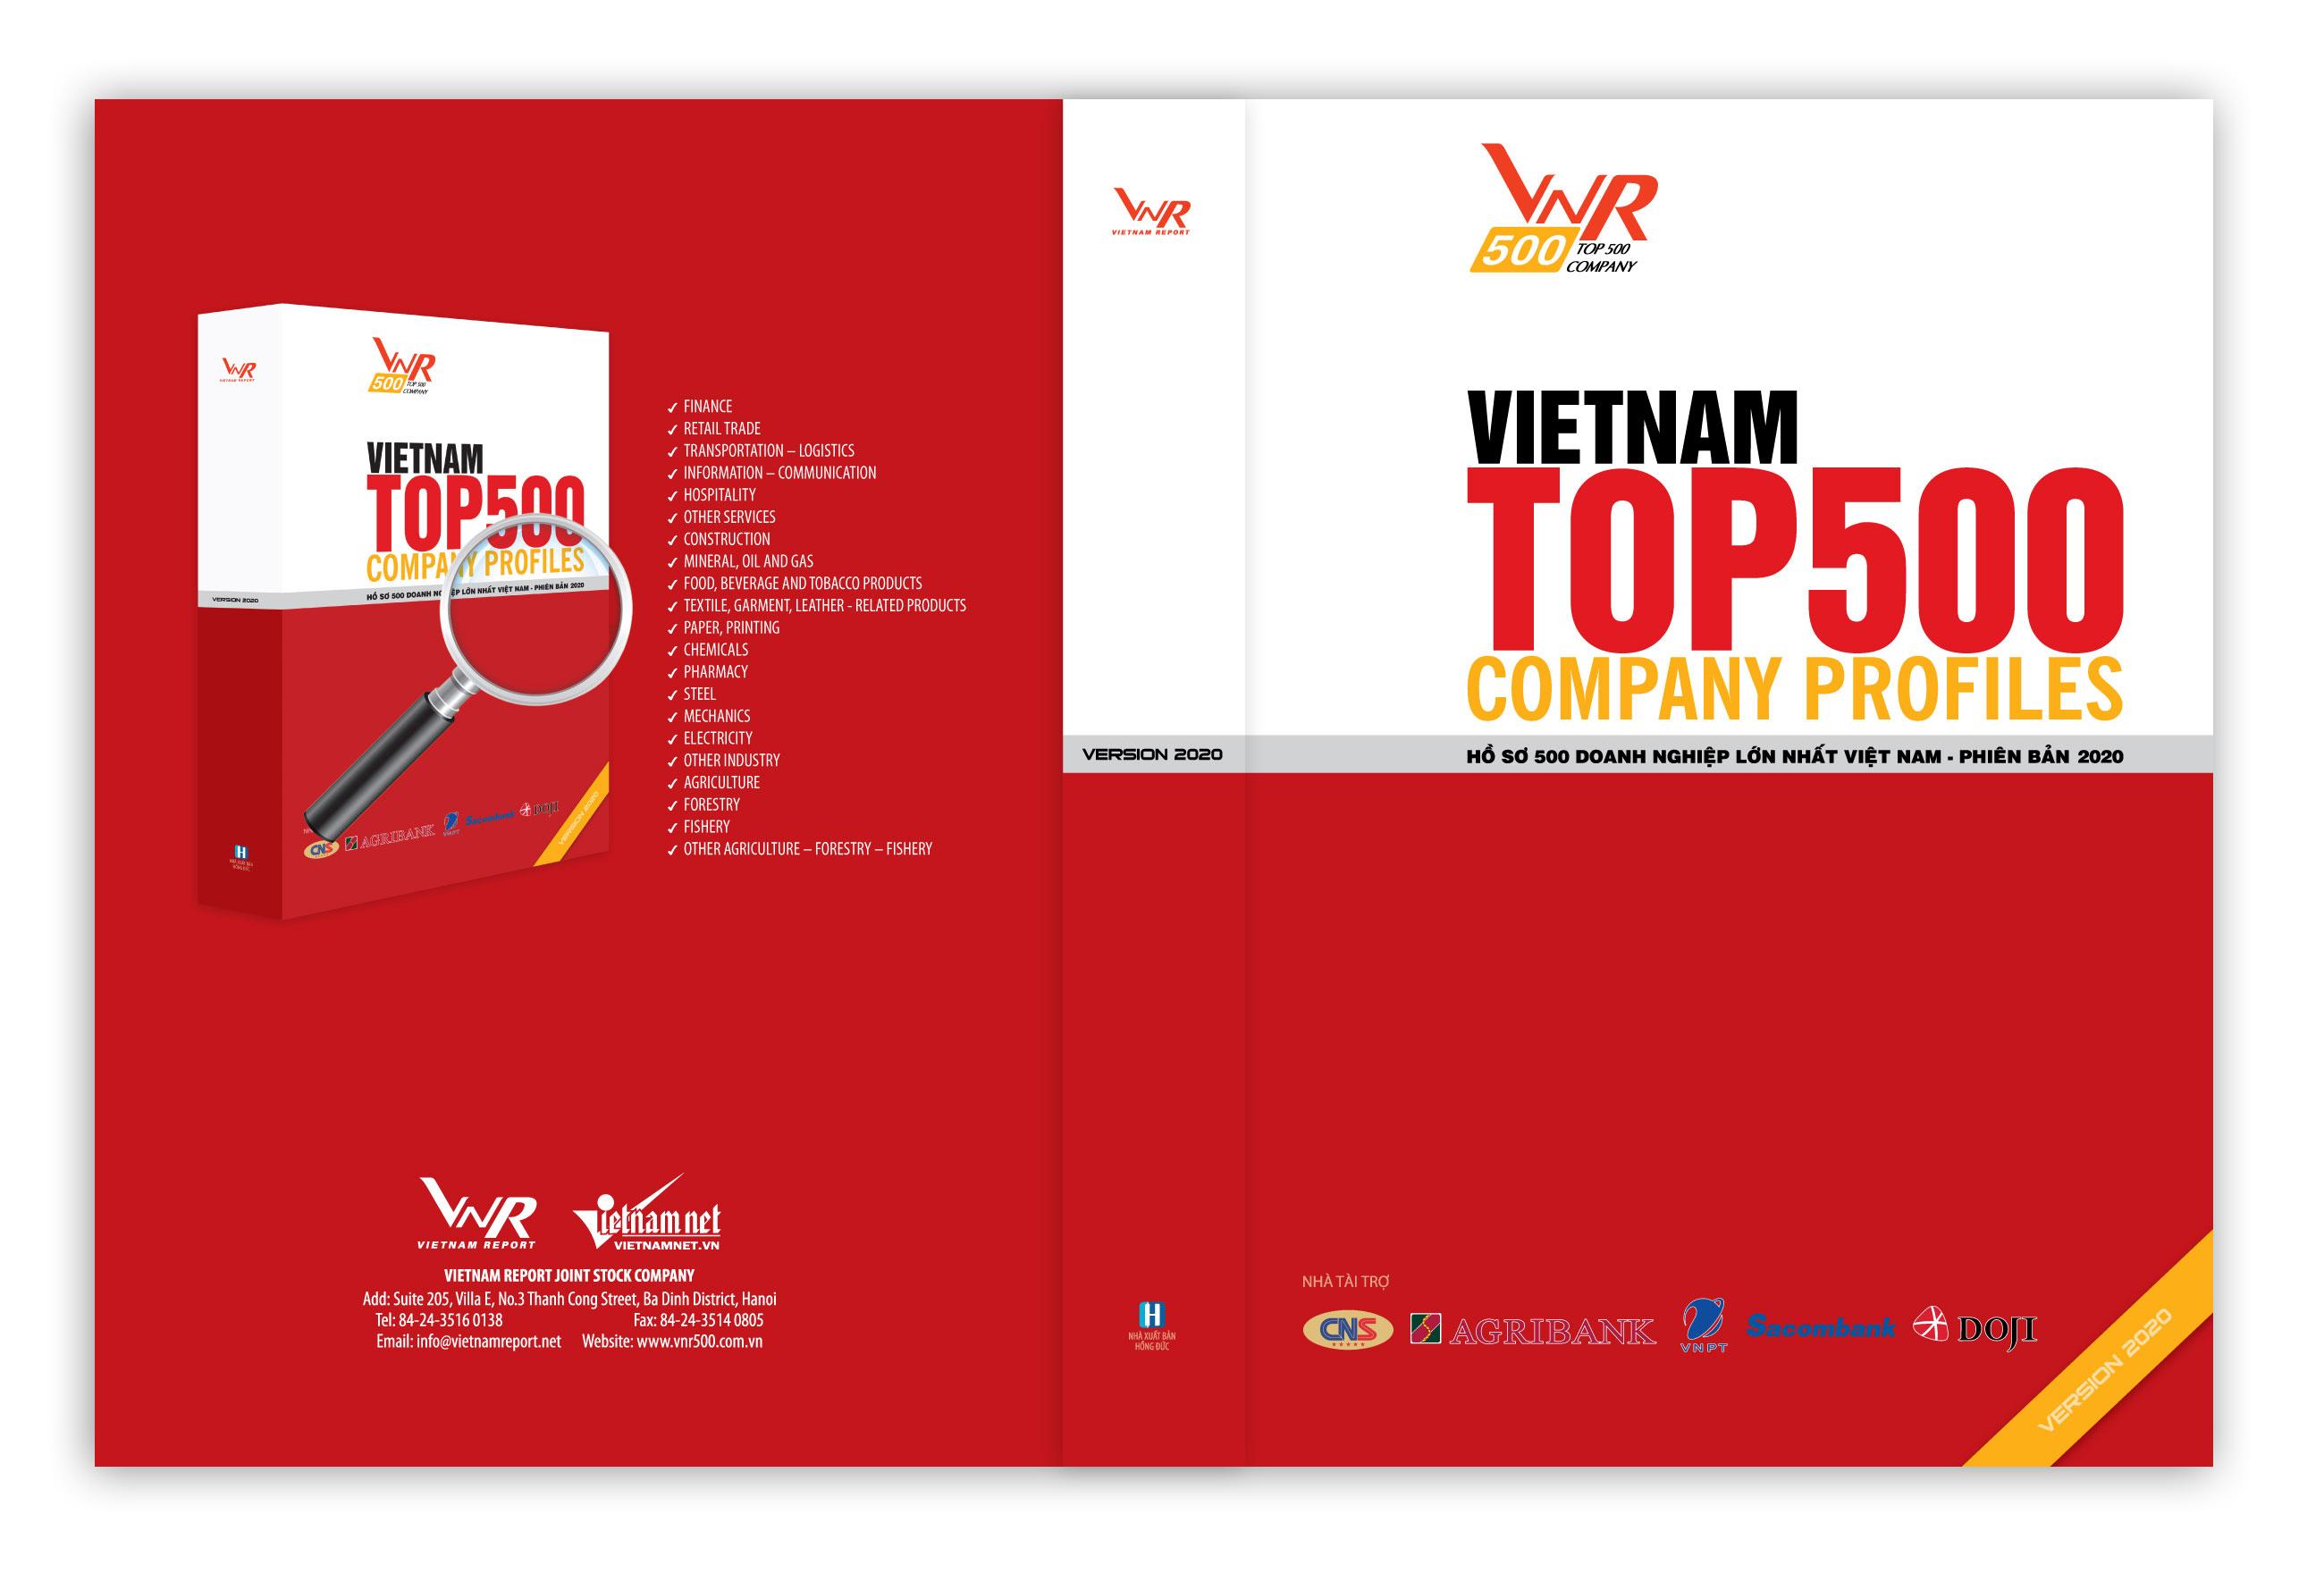 08/09/2020: Hồ sơ 500 Doanh nghiệp lớn nhất Việt Nam_Phiên bản 2020